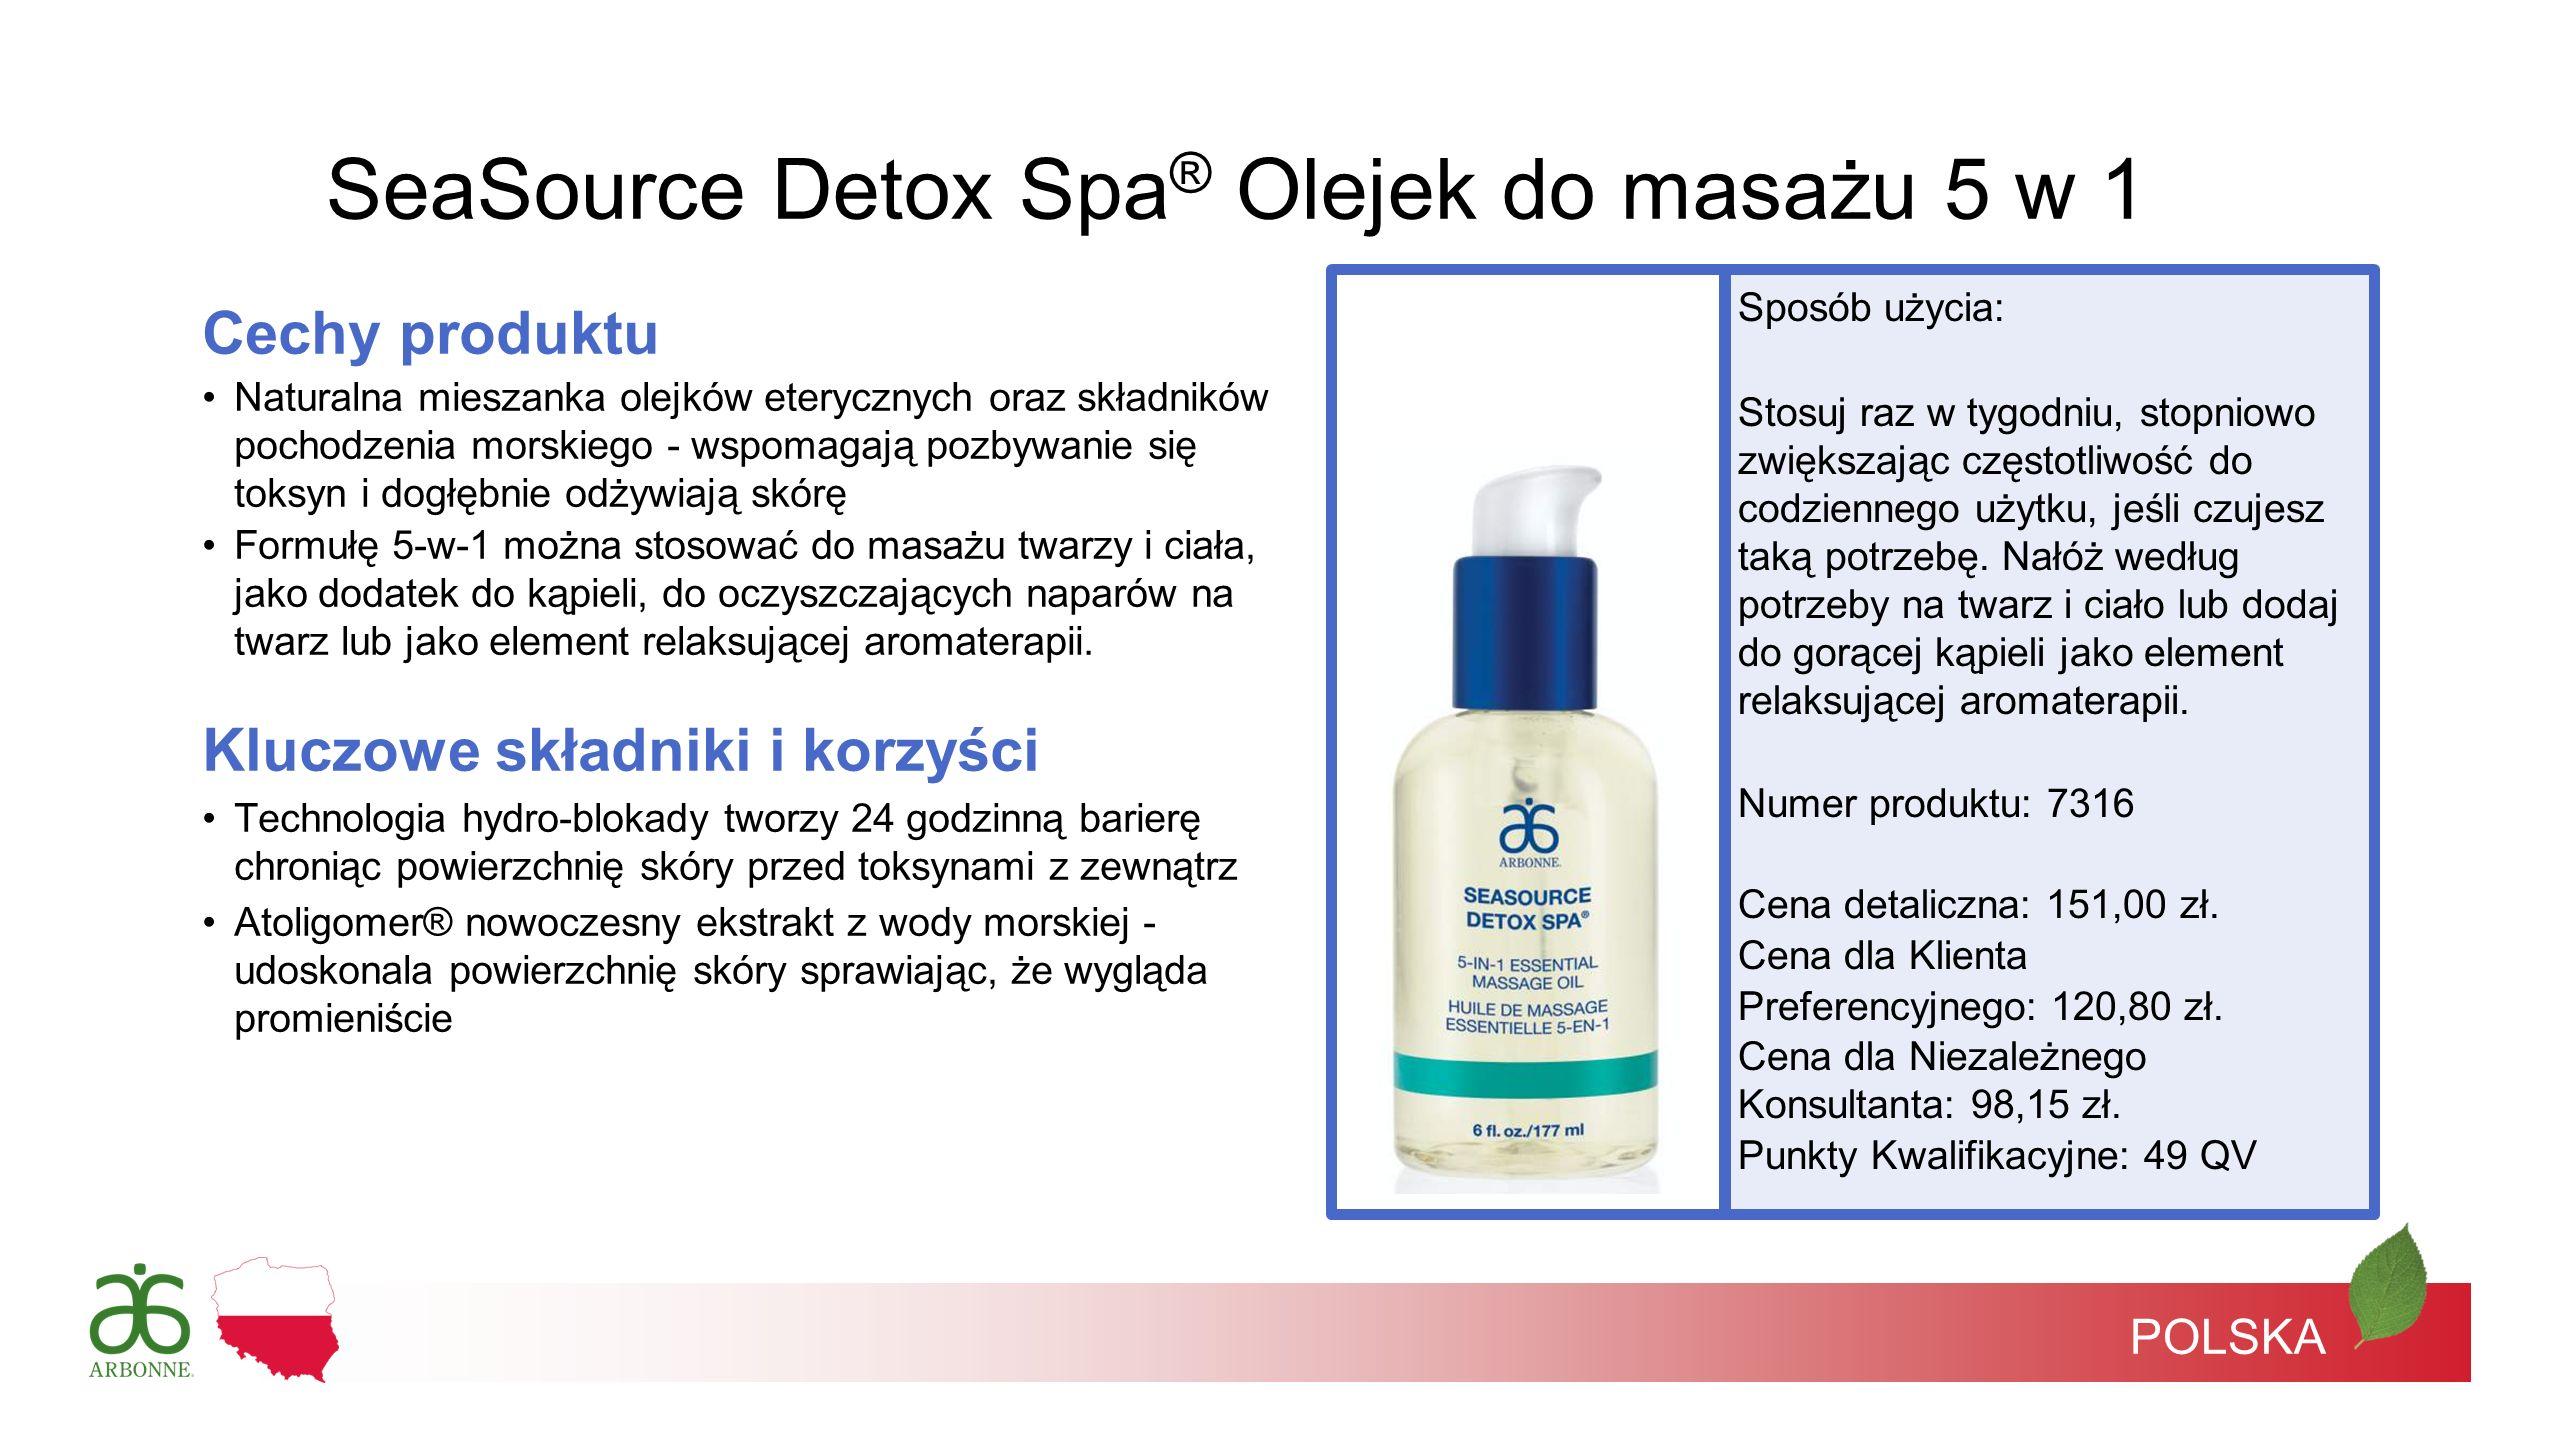 POLSKA SeaSource Detox Spa ® Olejek do masażu 5 w 1 Cechy produktu Naturalna mieszanka olejków eterycznych oraz składników pochodzenia morskiego - wsp